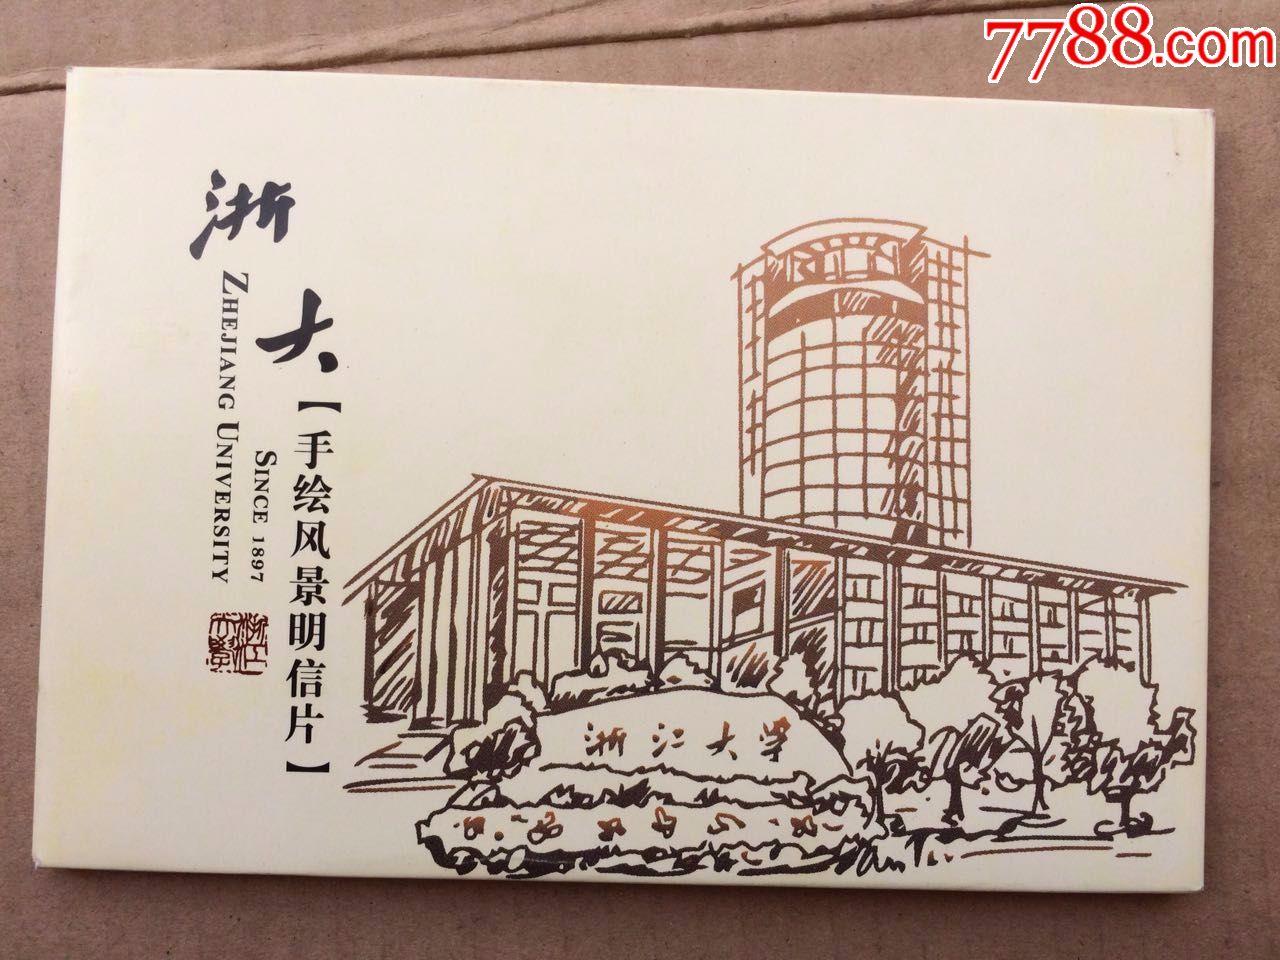 浙大手绘风景明信片